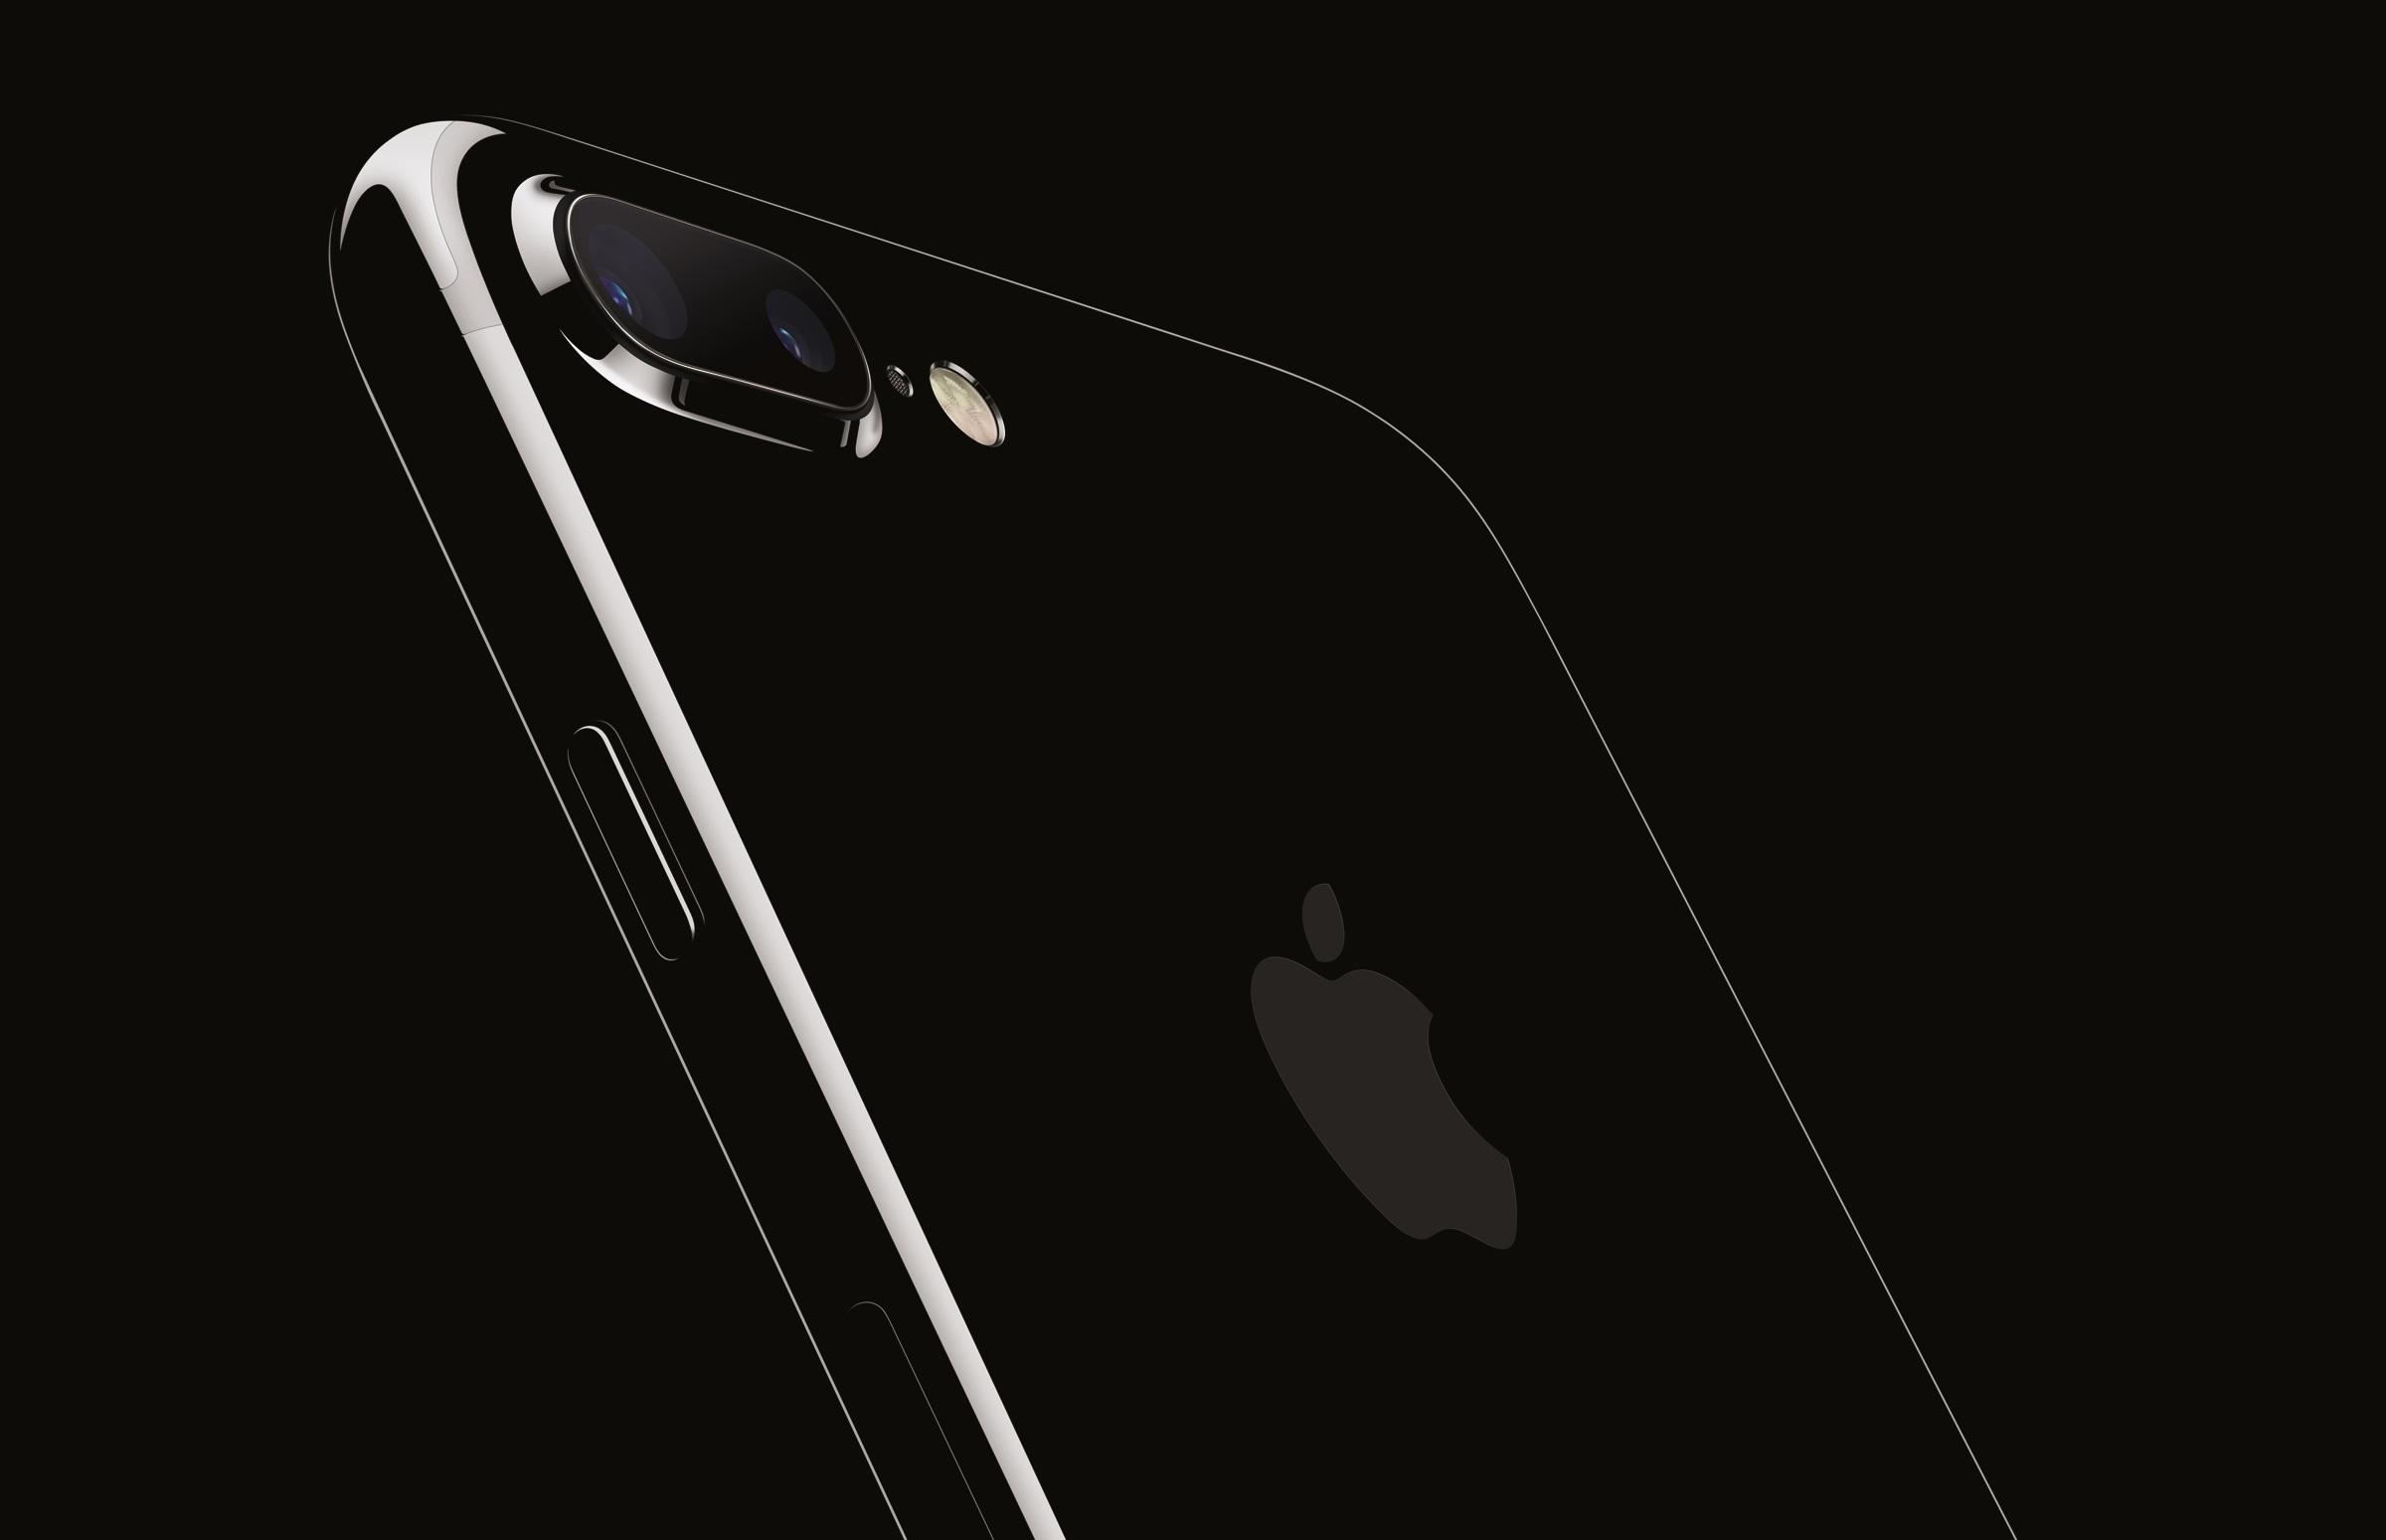 Apple's iPhone 7 Plus in Jet Black